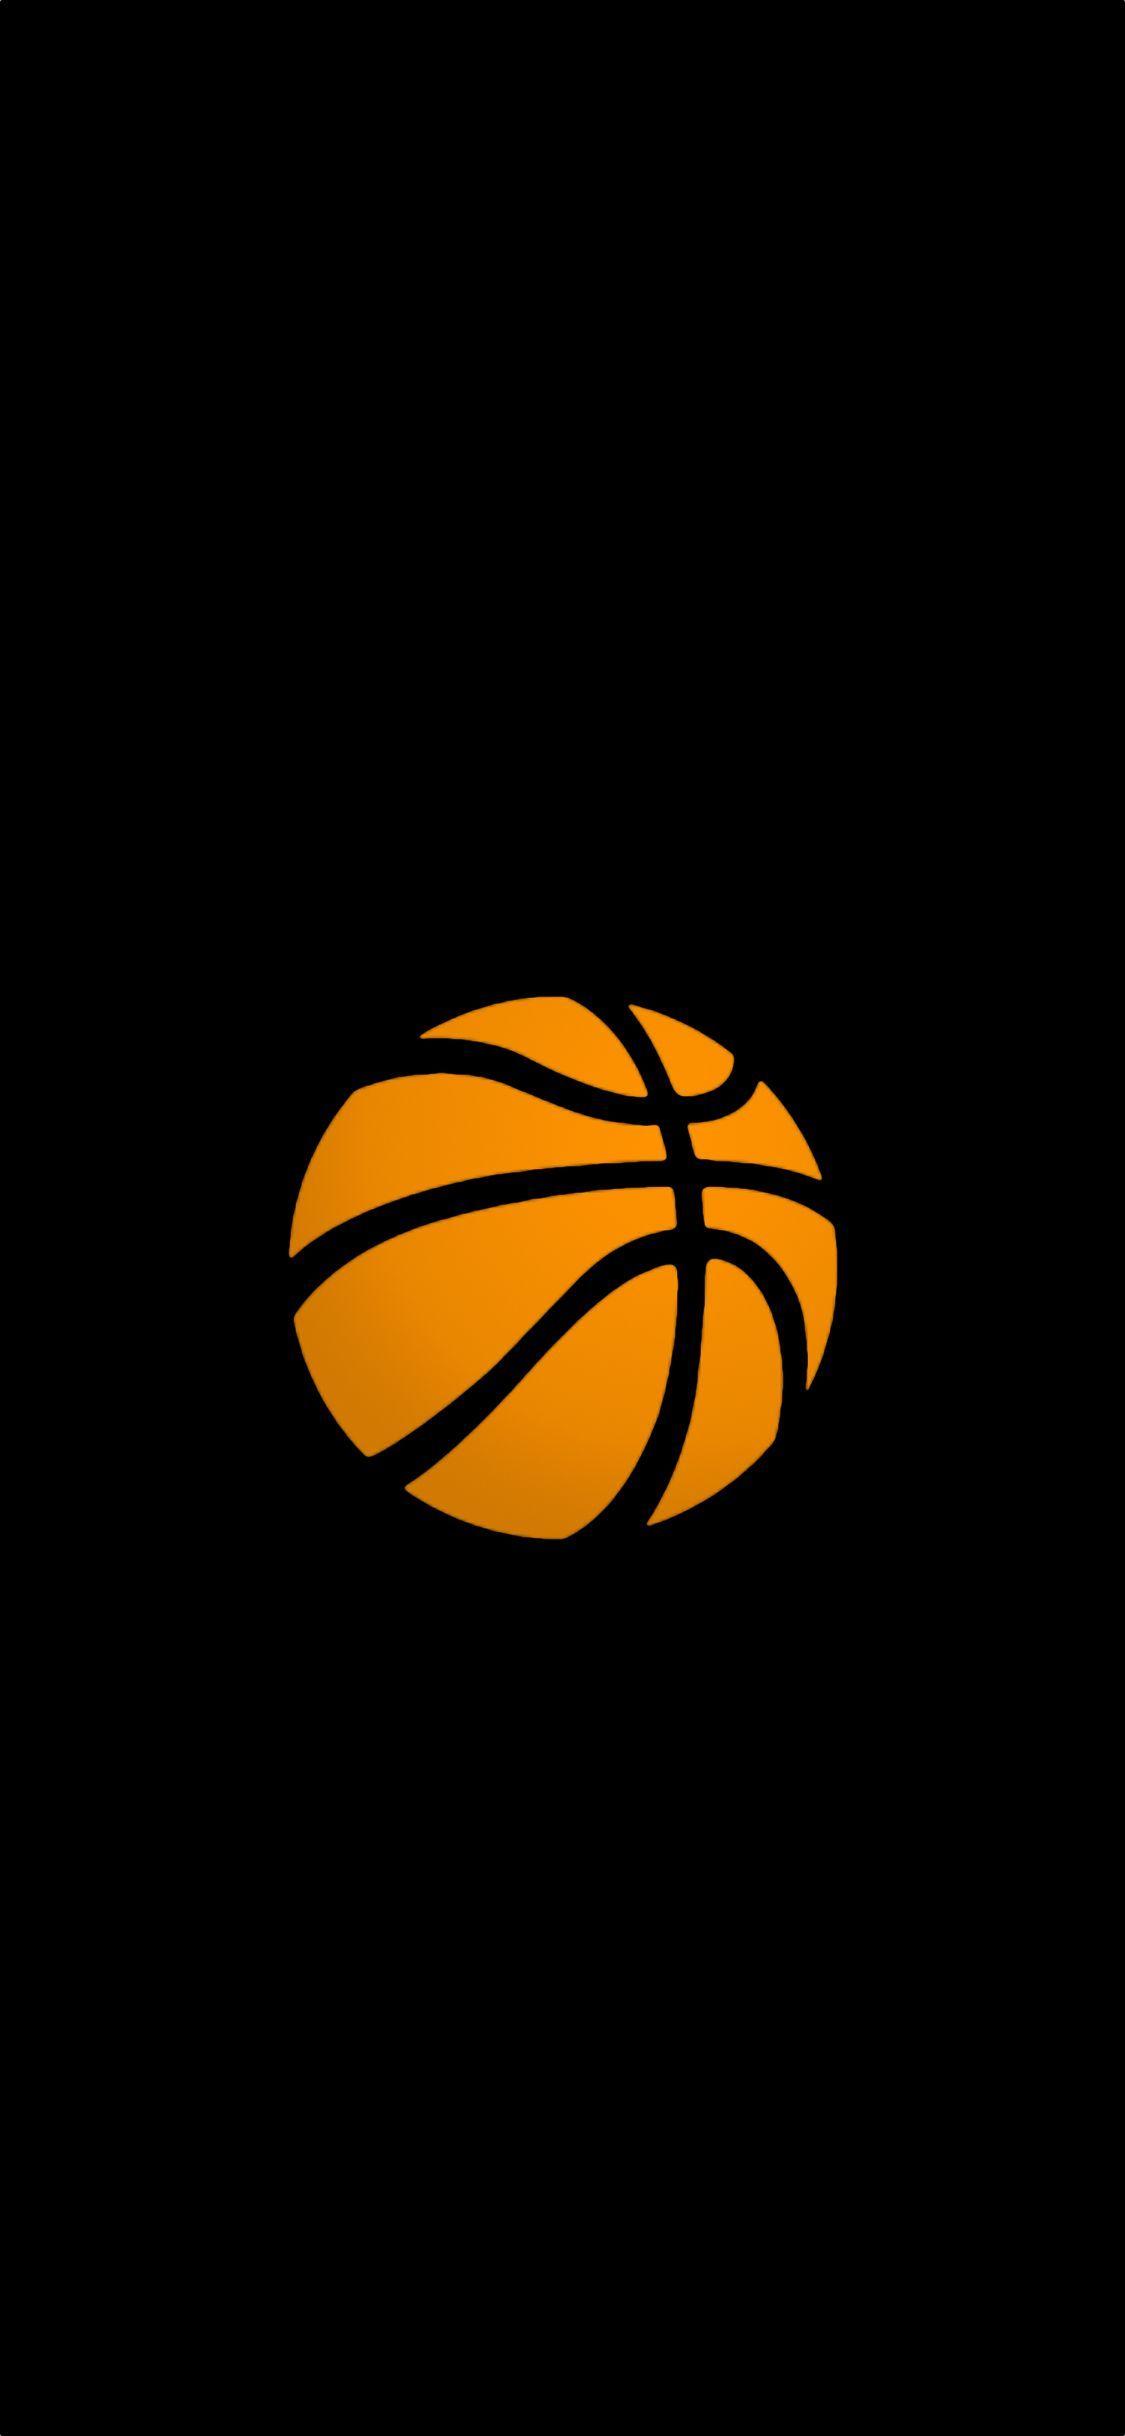 35 Gambar Wallpaper for Iphone Basketball terbaru 2020 in